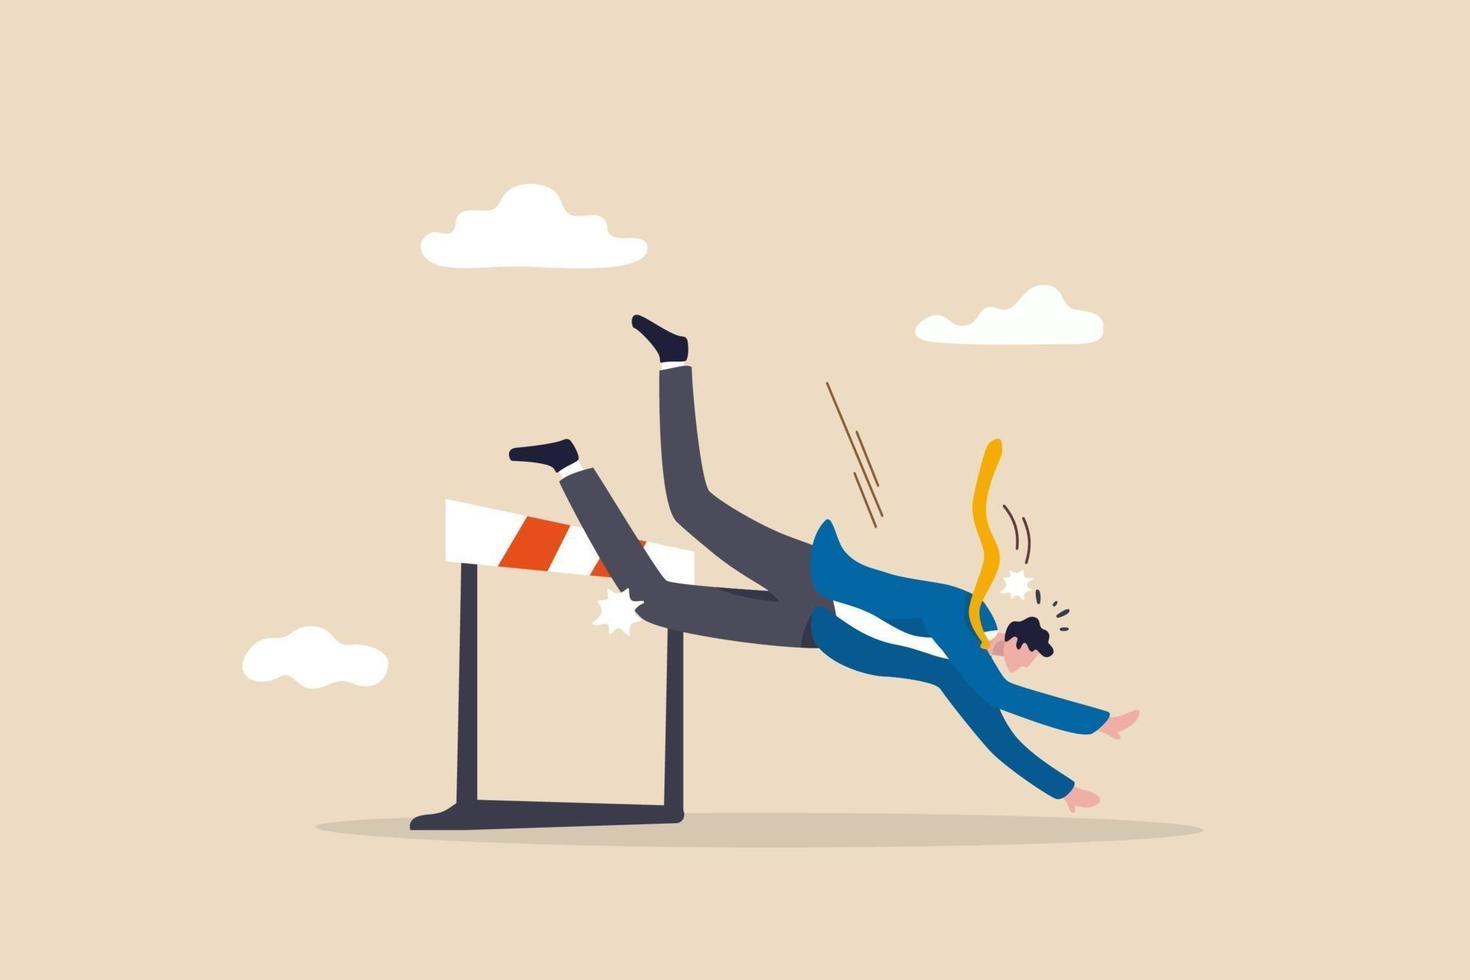 gefrustreerde zakenman verliezer slaagt er niet in om over de hindernis te springen en op de grond te vallen vector